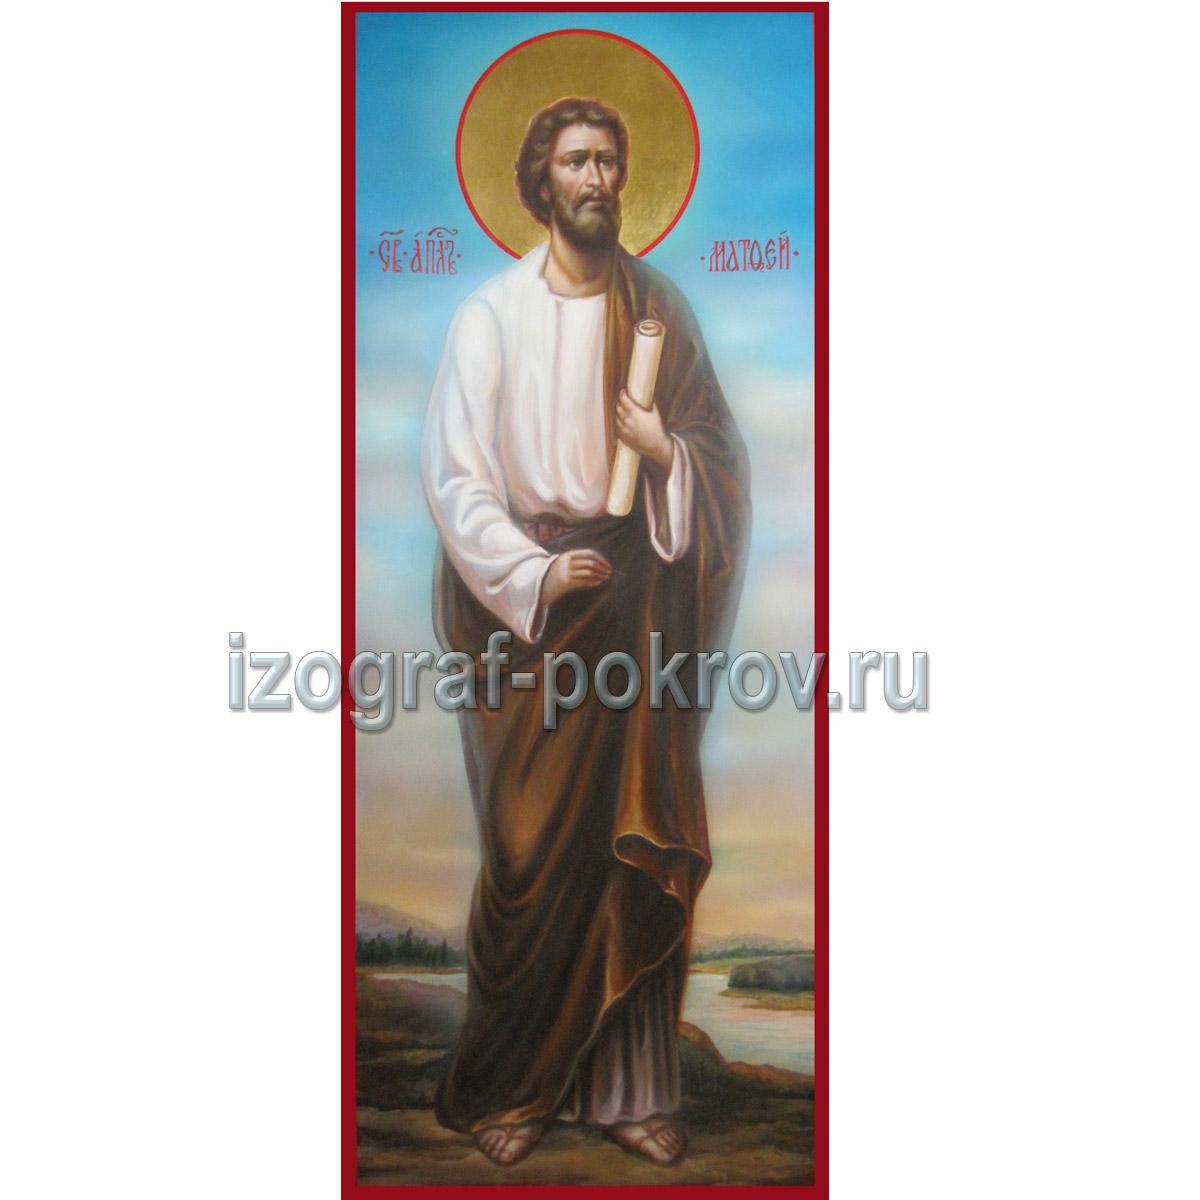 Икона Апостол Матфей (Левий) евангелист. Икона написана под заказ в иконописной мастерской Покров при храме Покрова Пресвятой Богородицы г. Константиновск